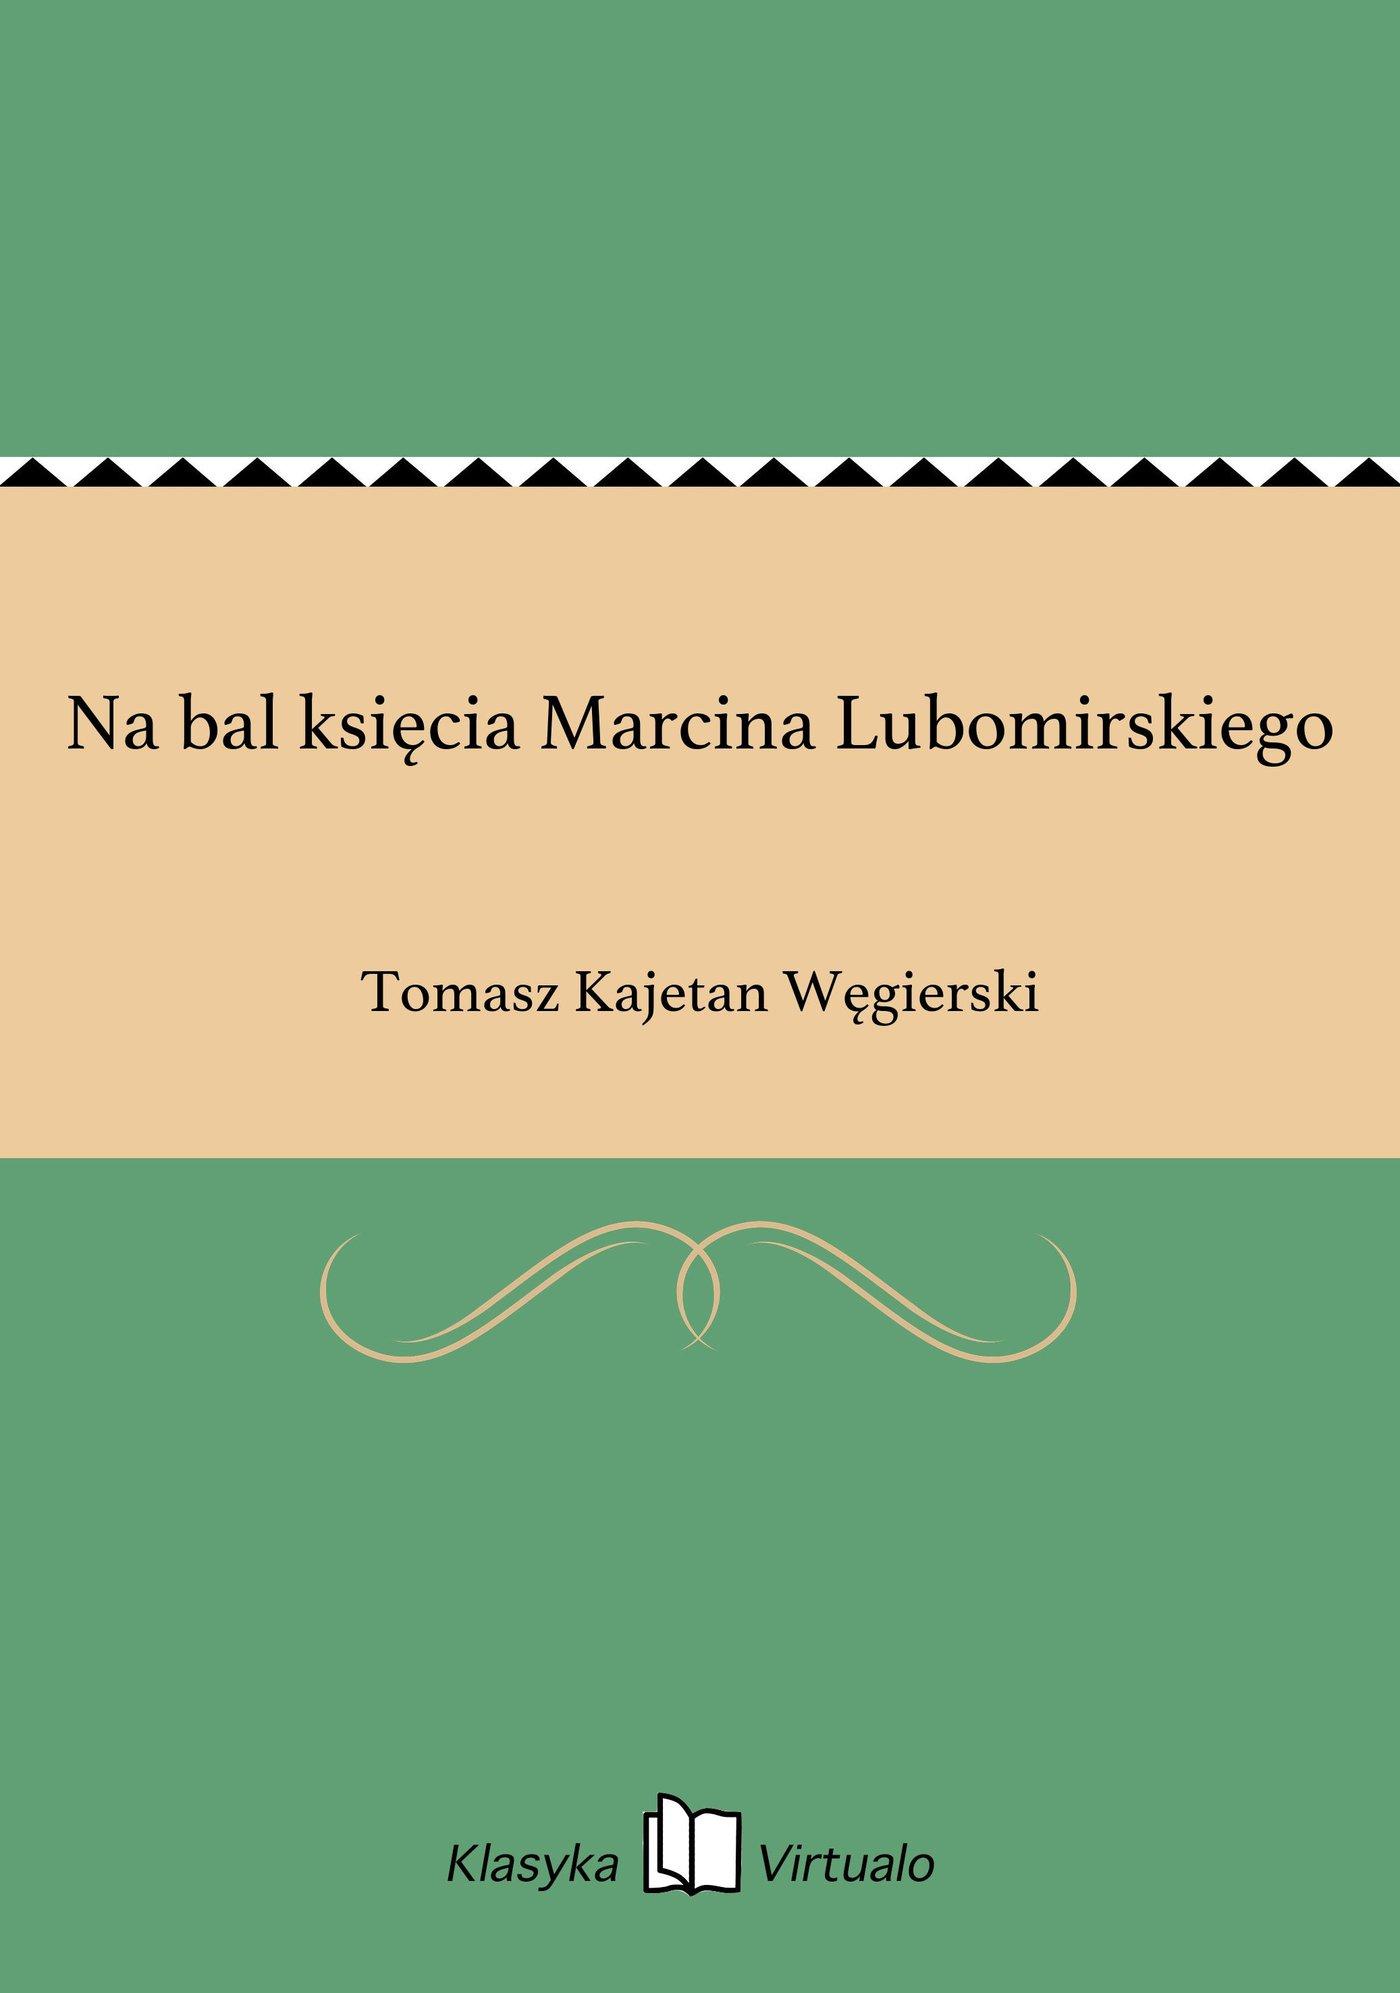 Na bal księcia Marcina Lubomirskiego - Ebook (Książka EPUB) do pobrania w formacie EPUB